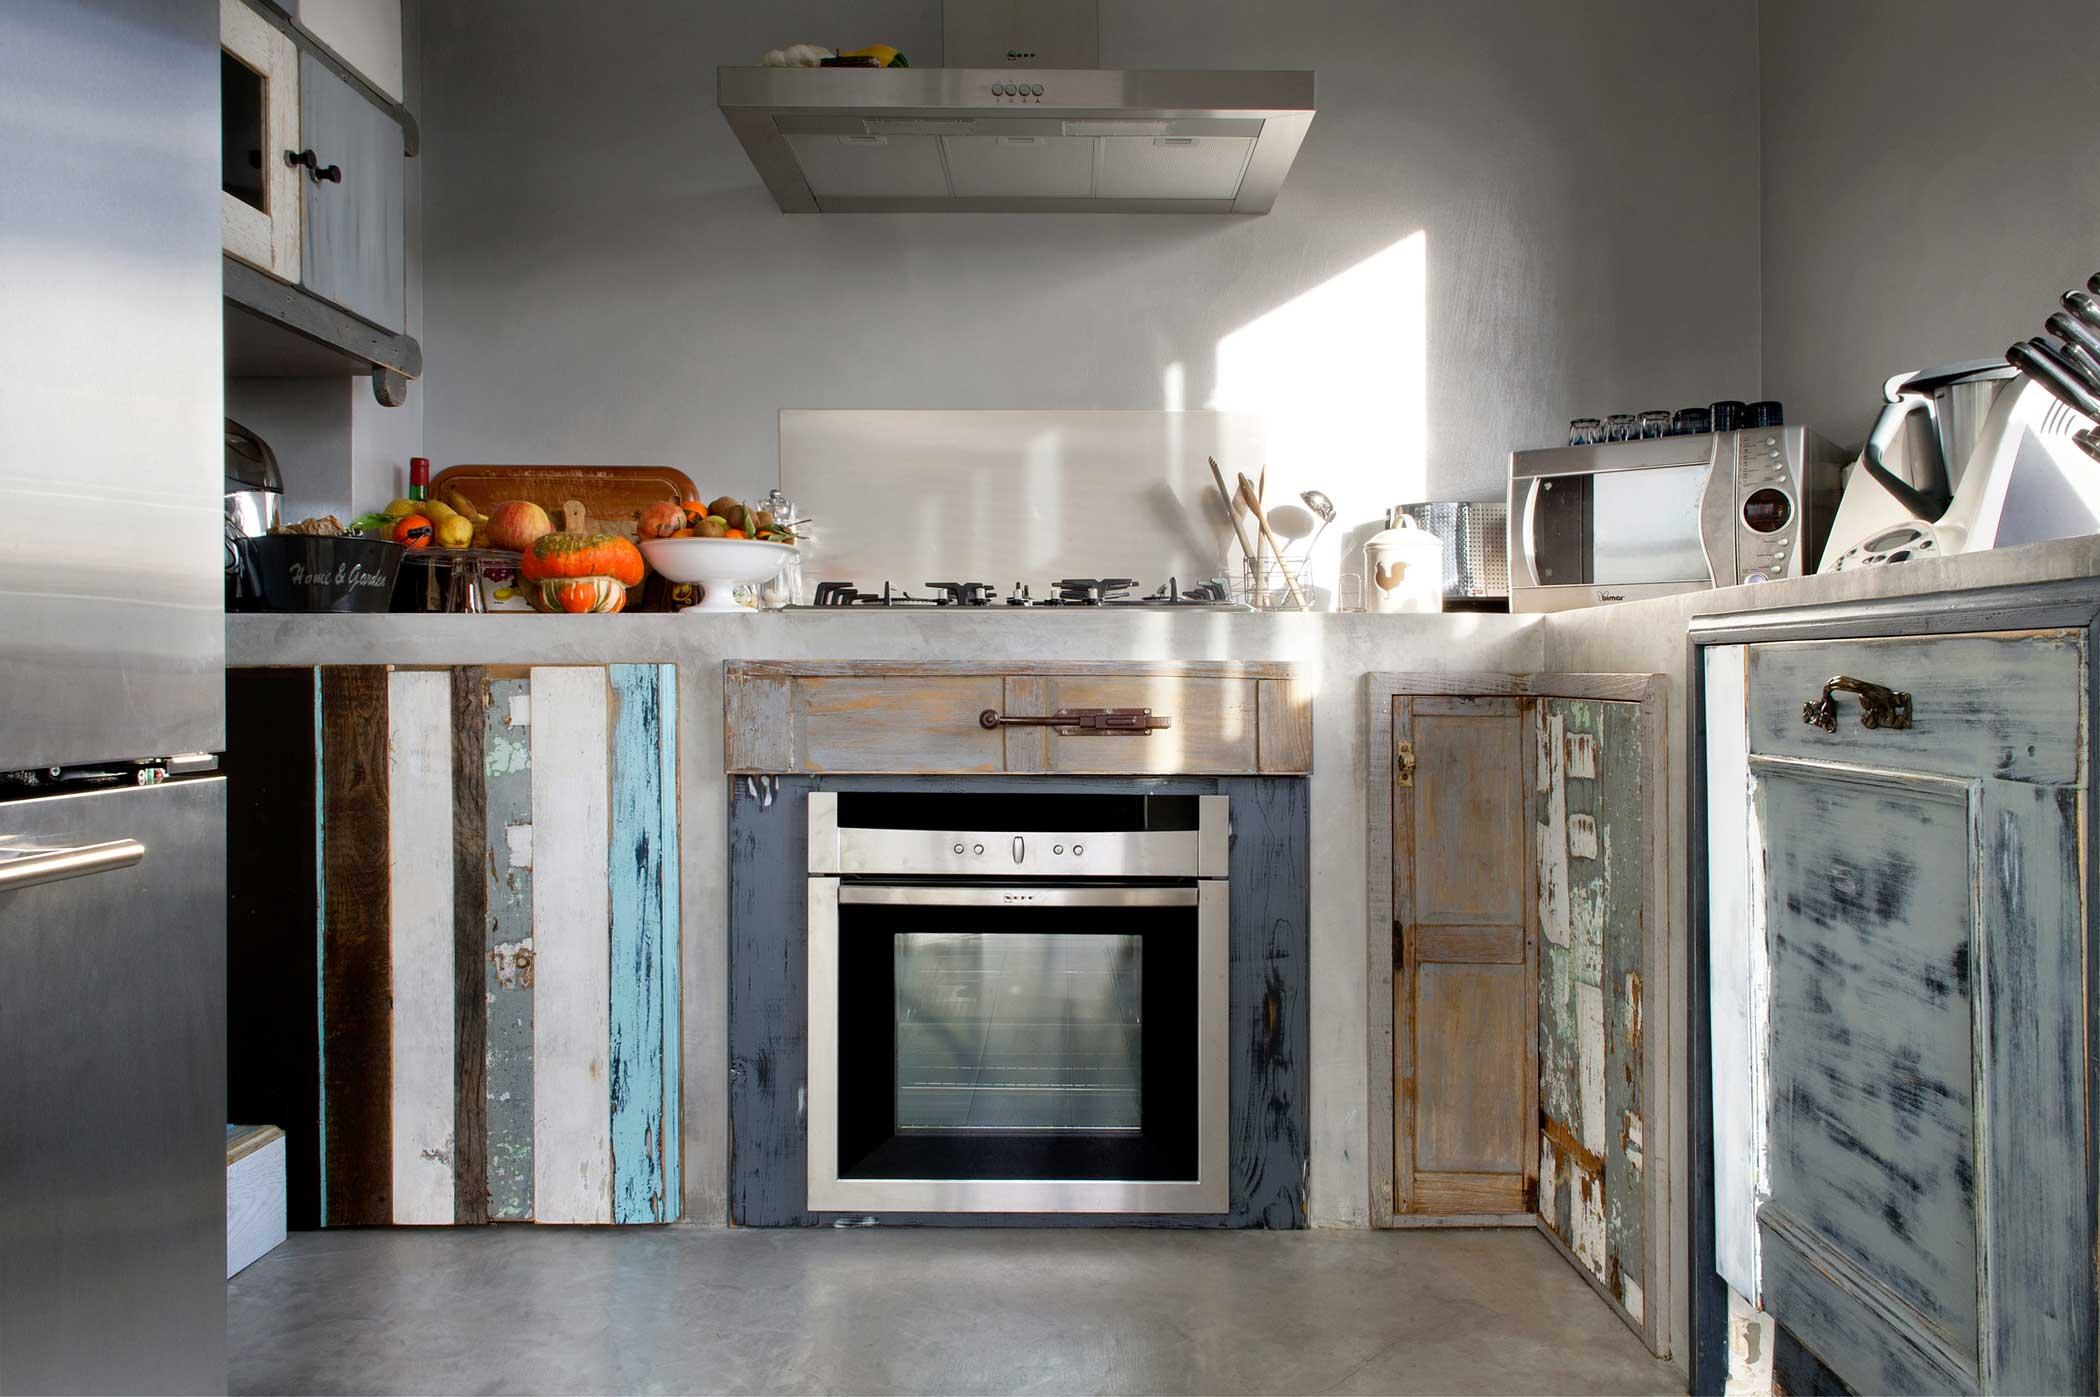 Costruire Un Piano Cucina In Legno : Progetta la tua cucina artigianale su misura laquercia